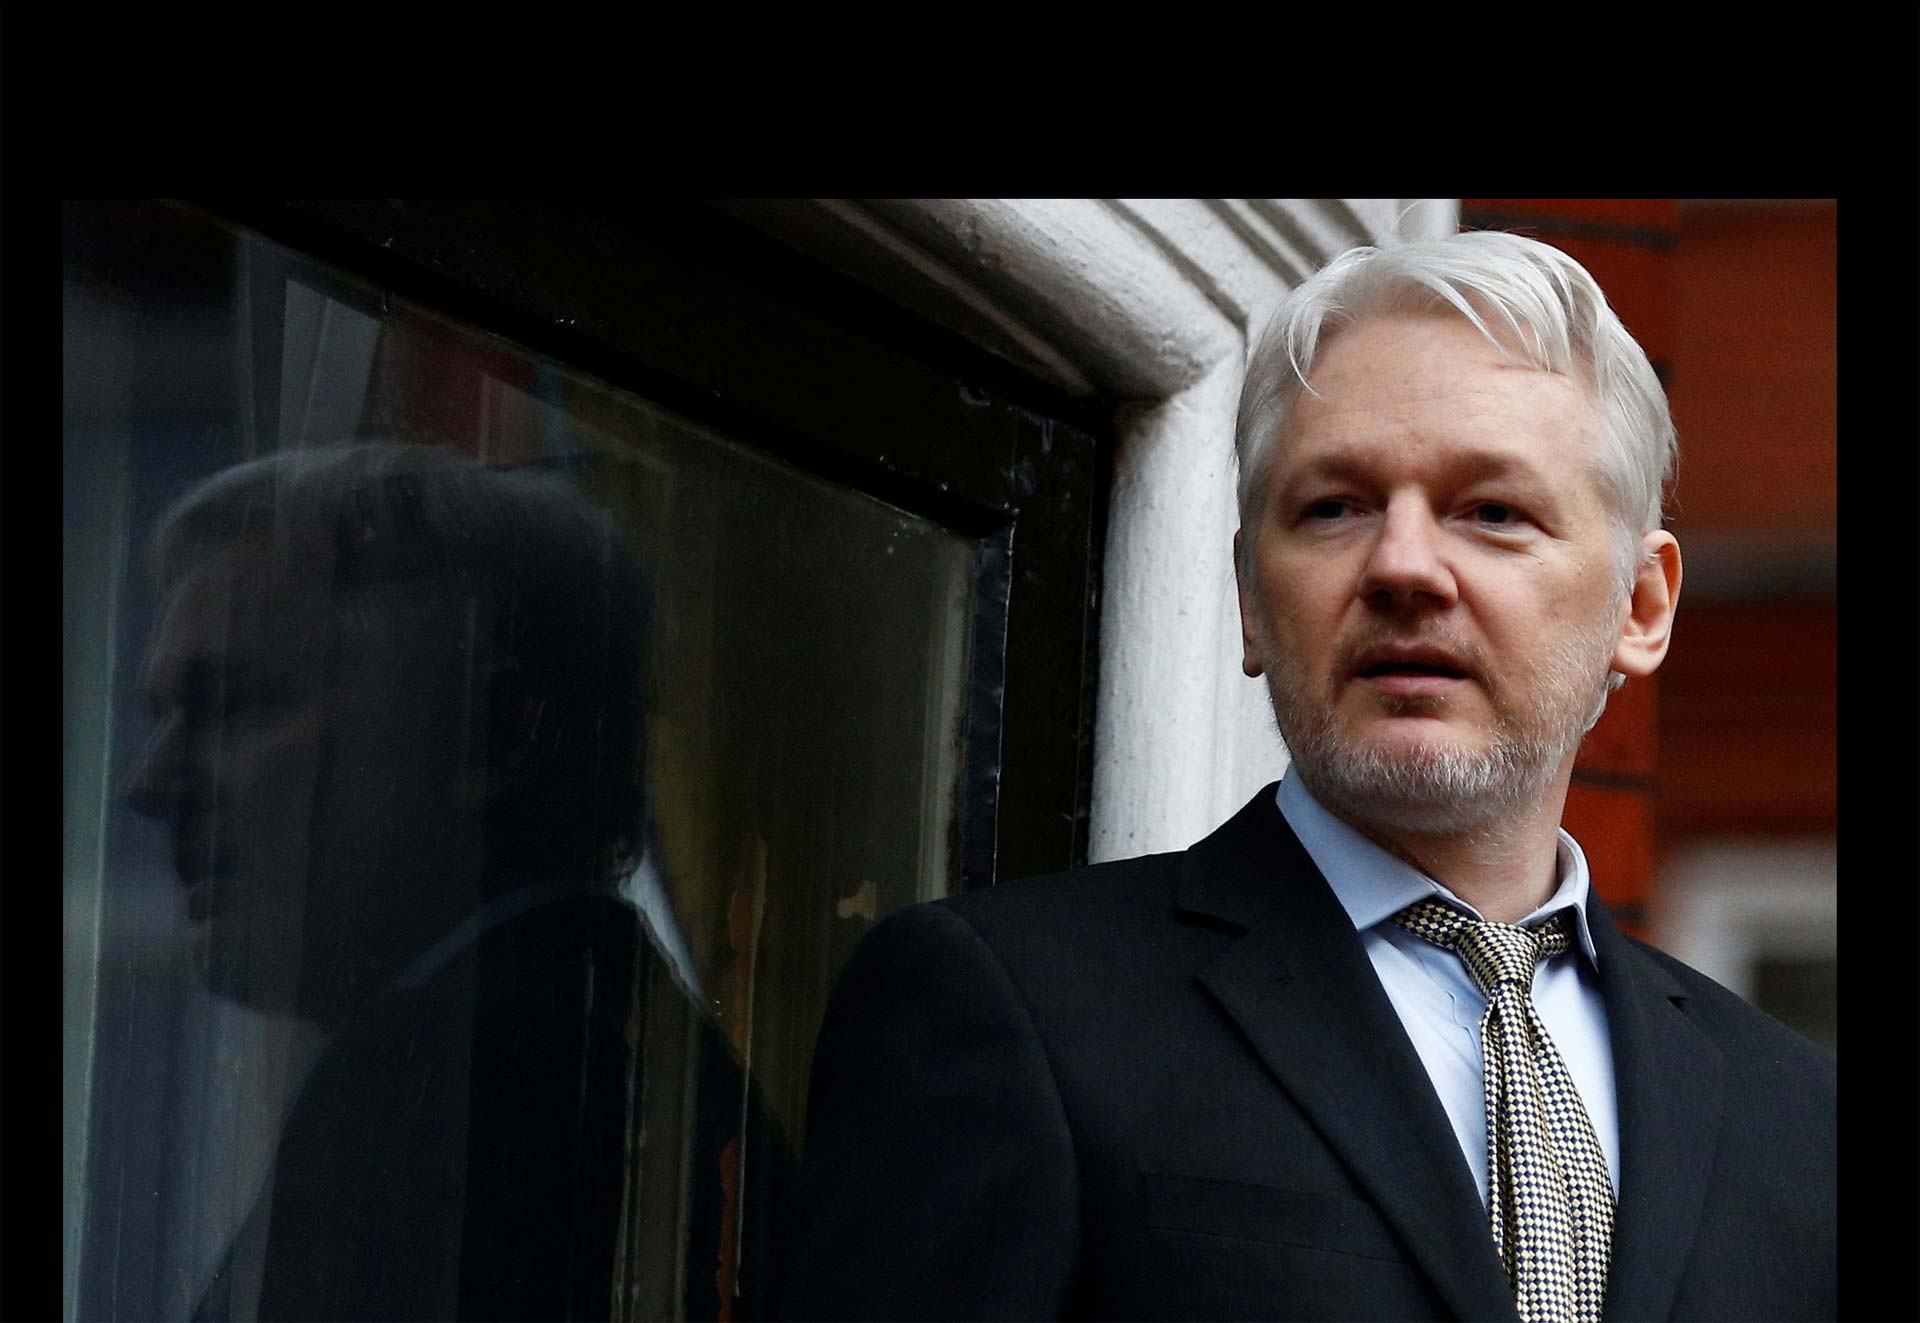 El fundador de Wikileaks lleva cuatro años de reclusión en la embajada ecuatoriana de Londres